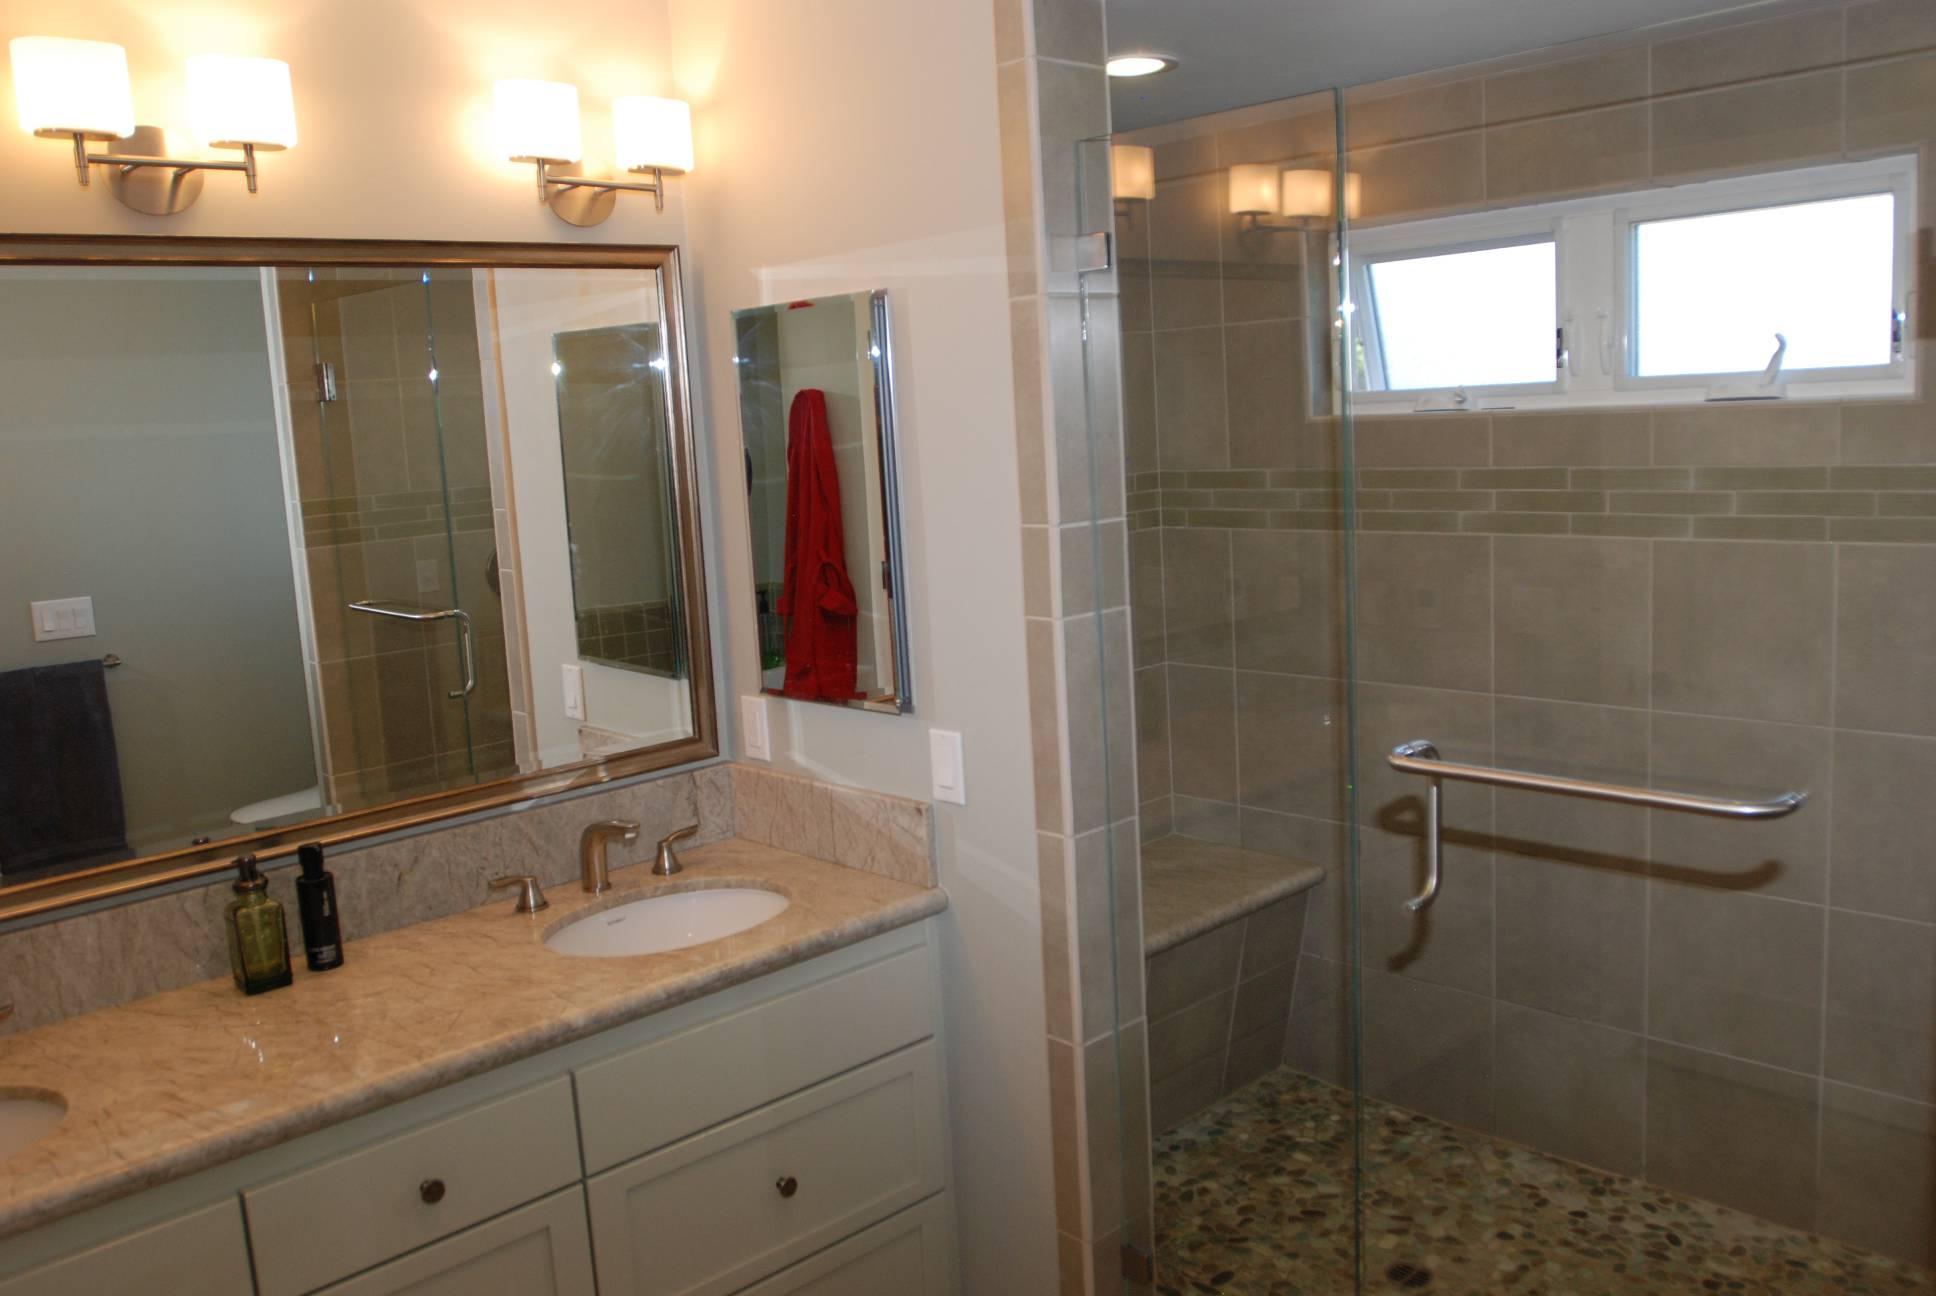 Walk-in Shower, Architect design, interior design work, Mountain View